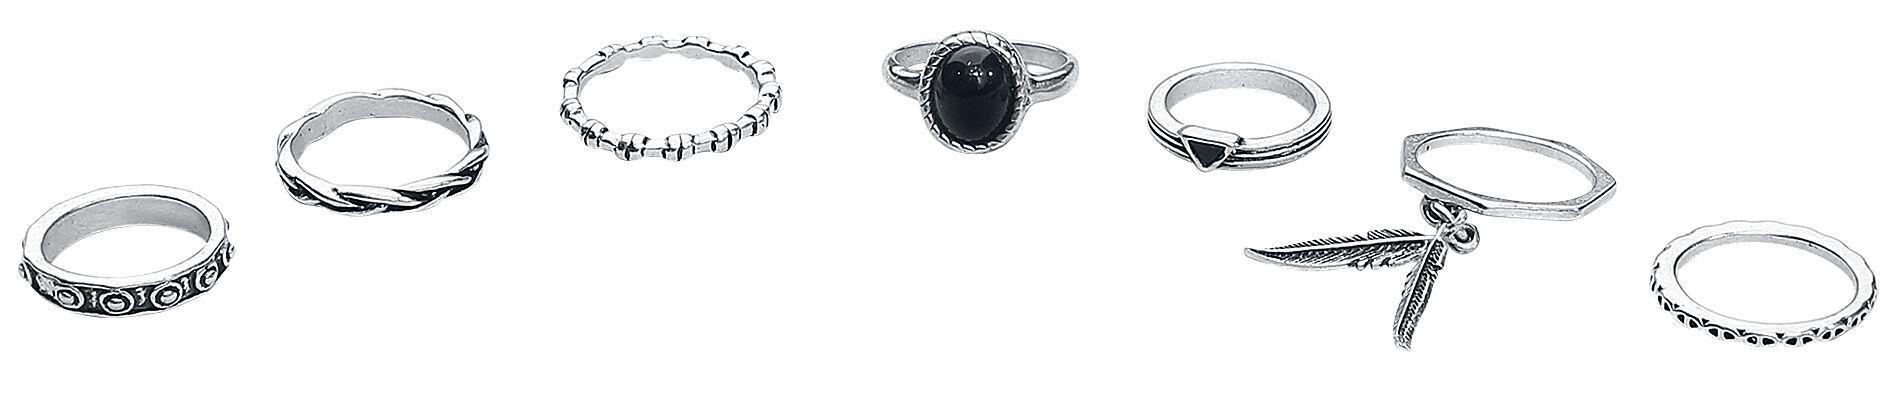 Marki - Pierścienie - Pierścień Wildkitten® Bohemian Ring Set Pierścień czarny/odcienie srebrnego - 372418